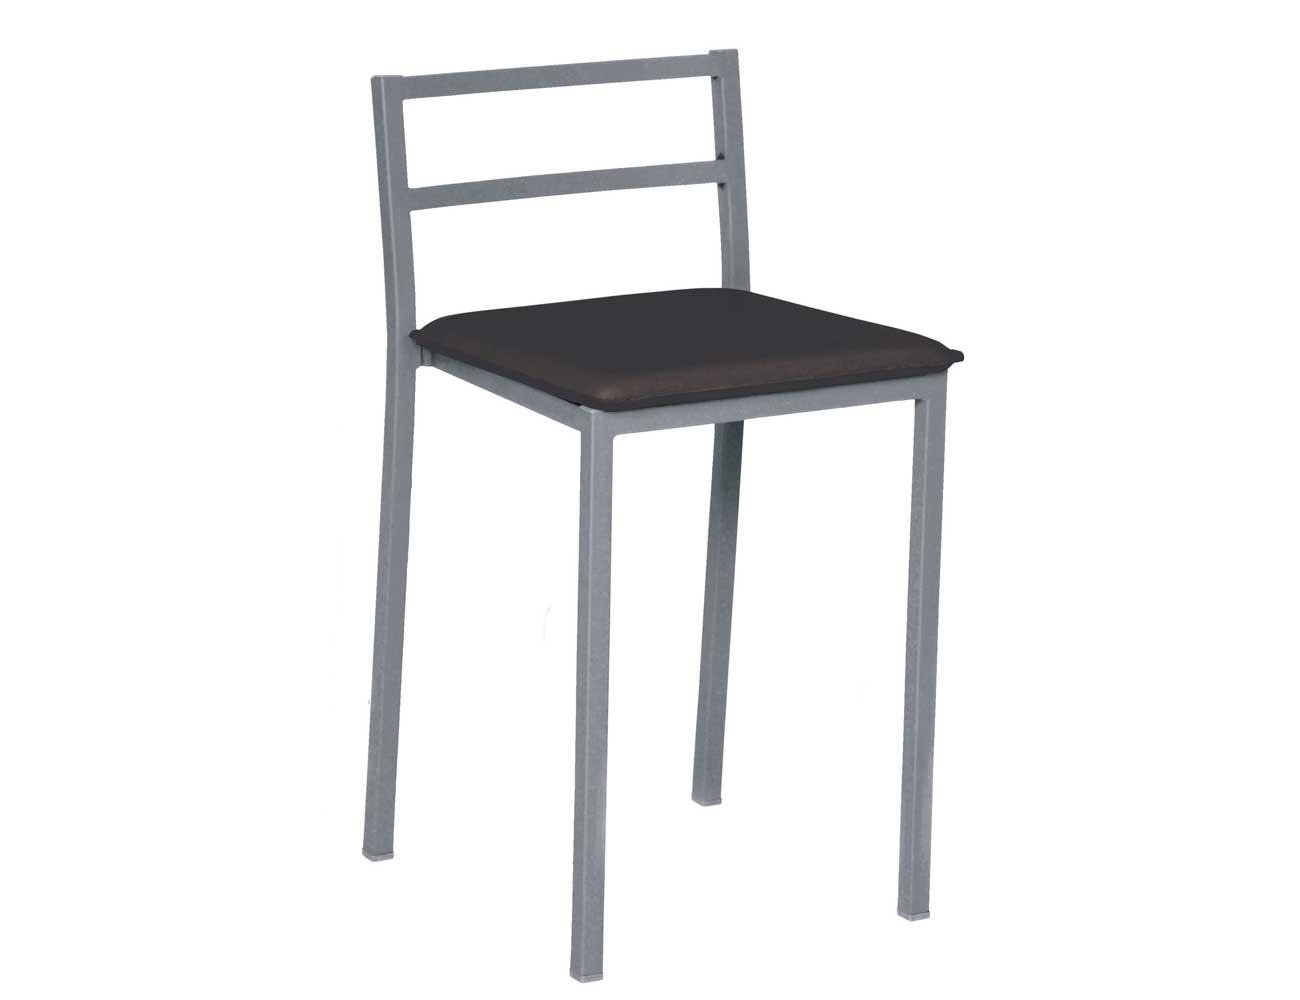 Taburete bajo asiento polipiel 255 negro